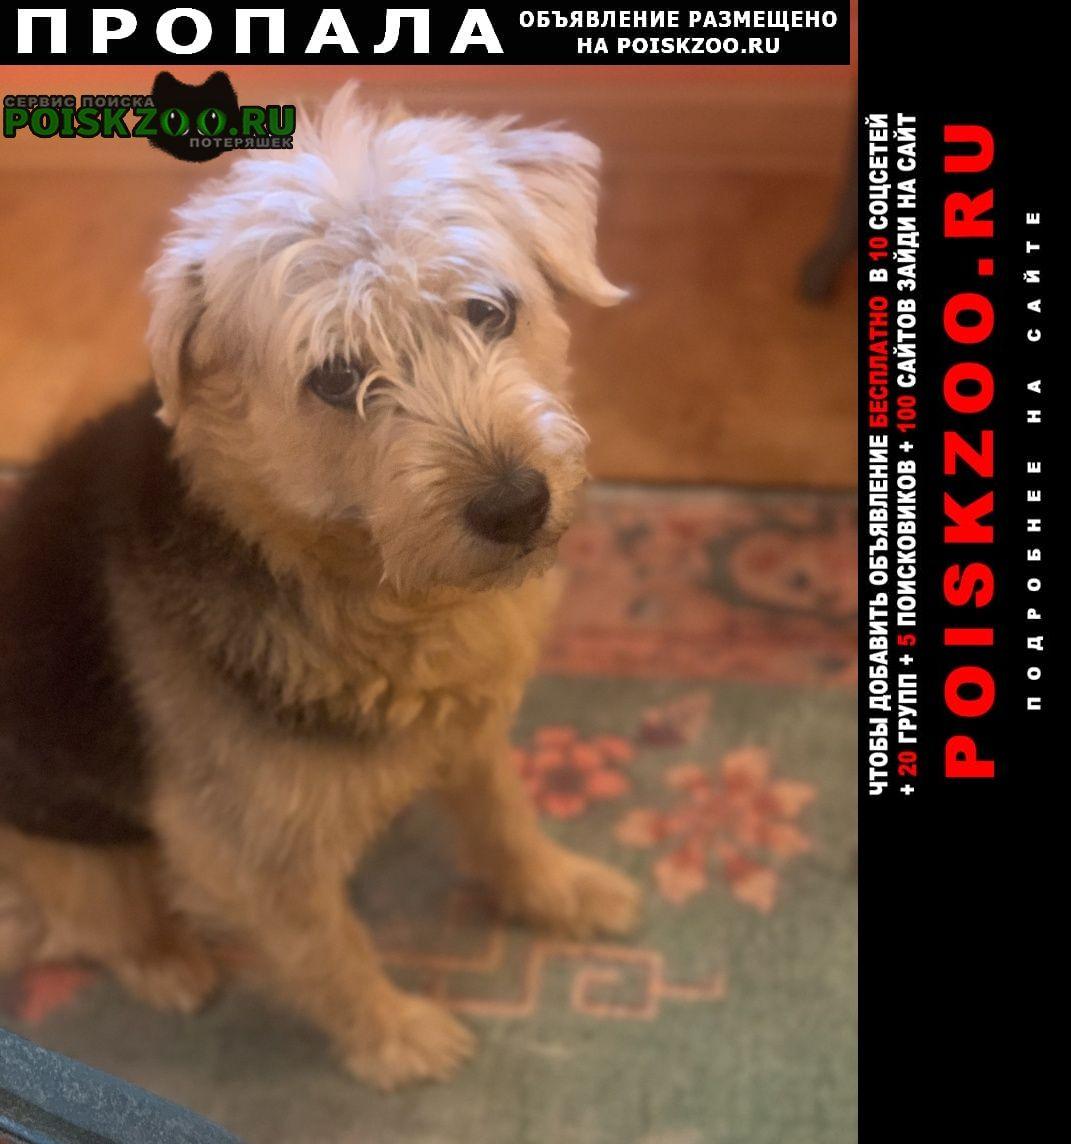 Пропала собака Троицк